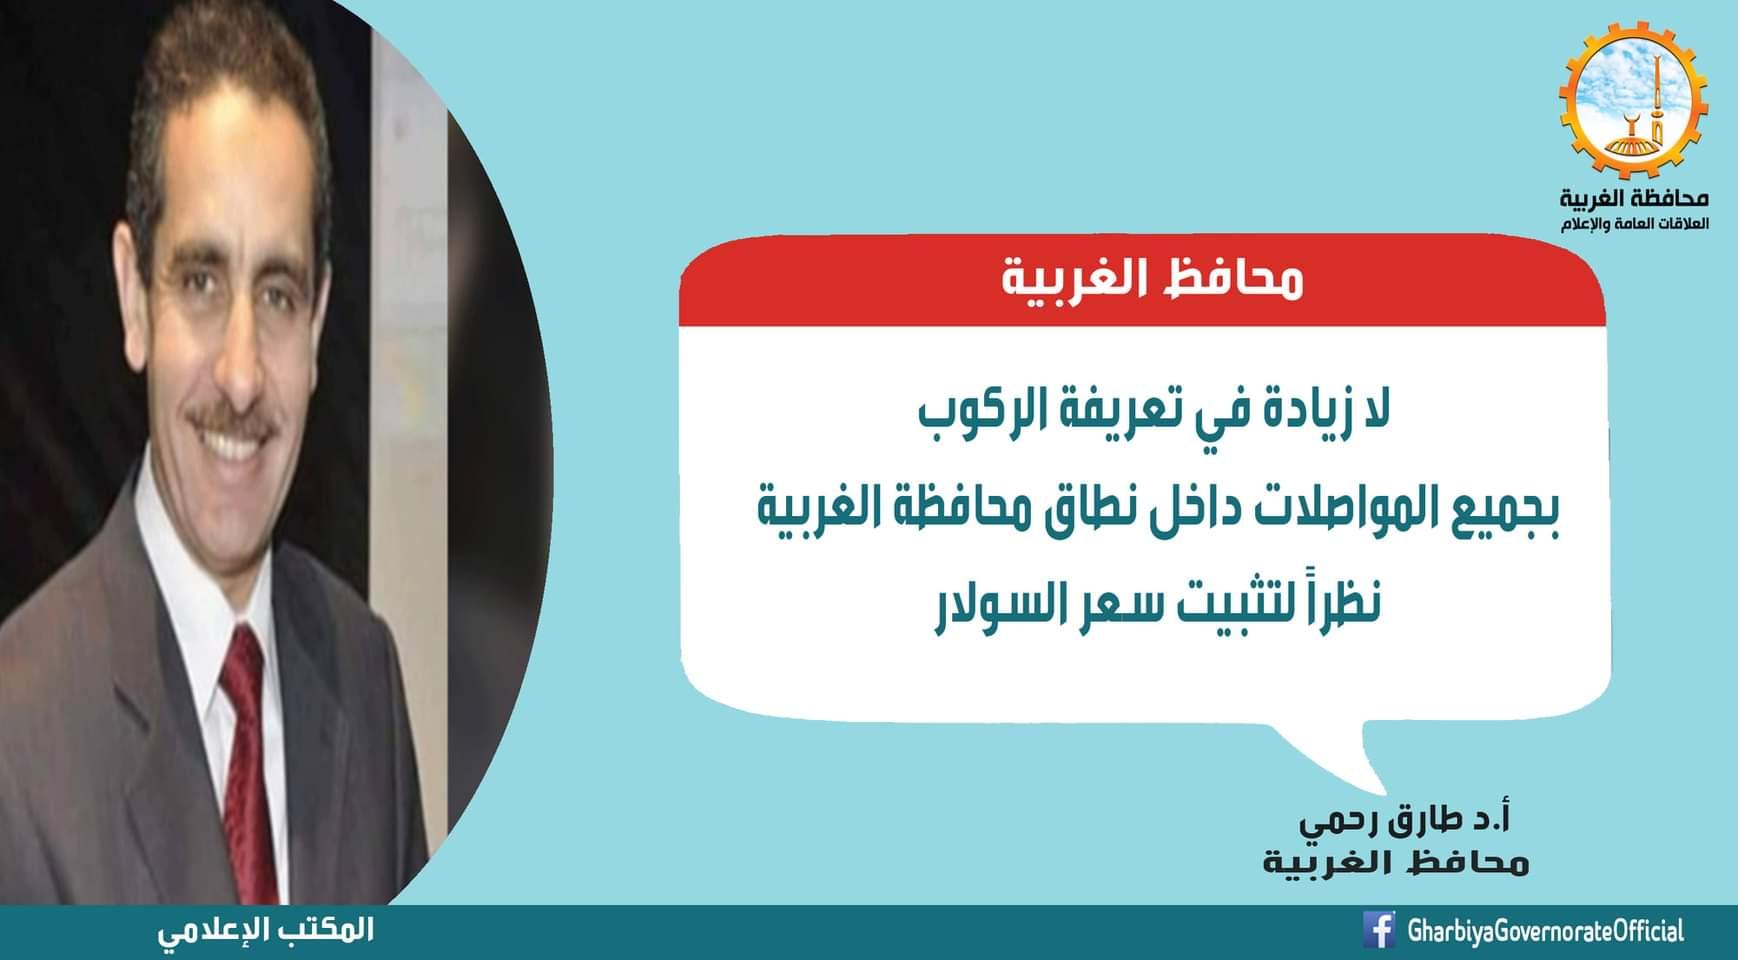 محافظ الغربية: لا زيادة في أسعار المواصلات داخل نطاق محافظة الغربية